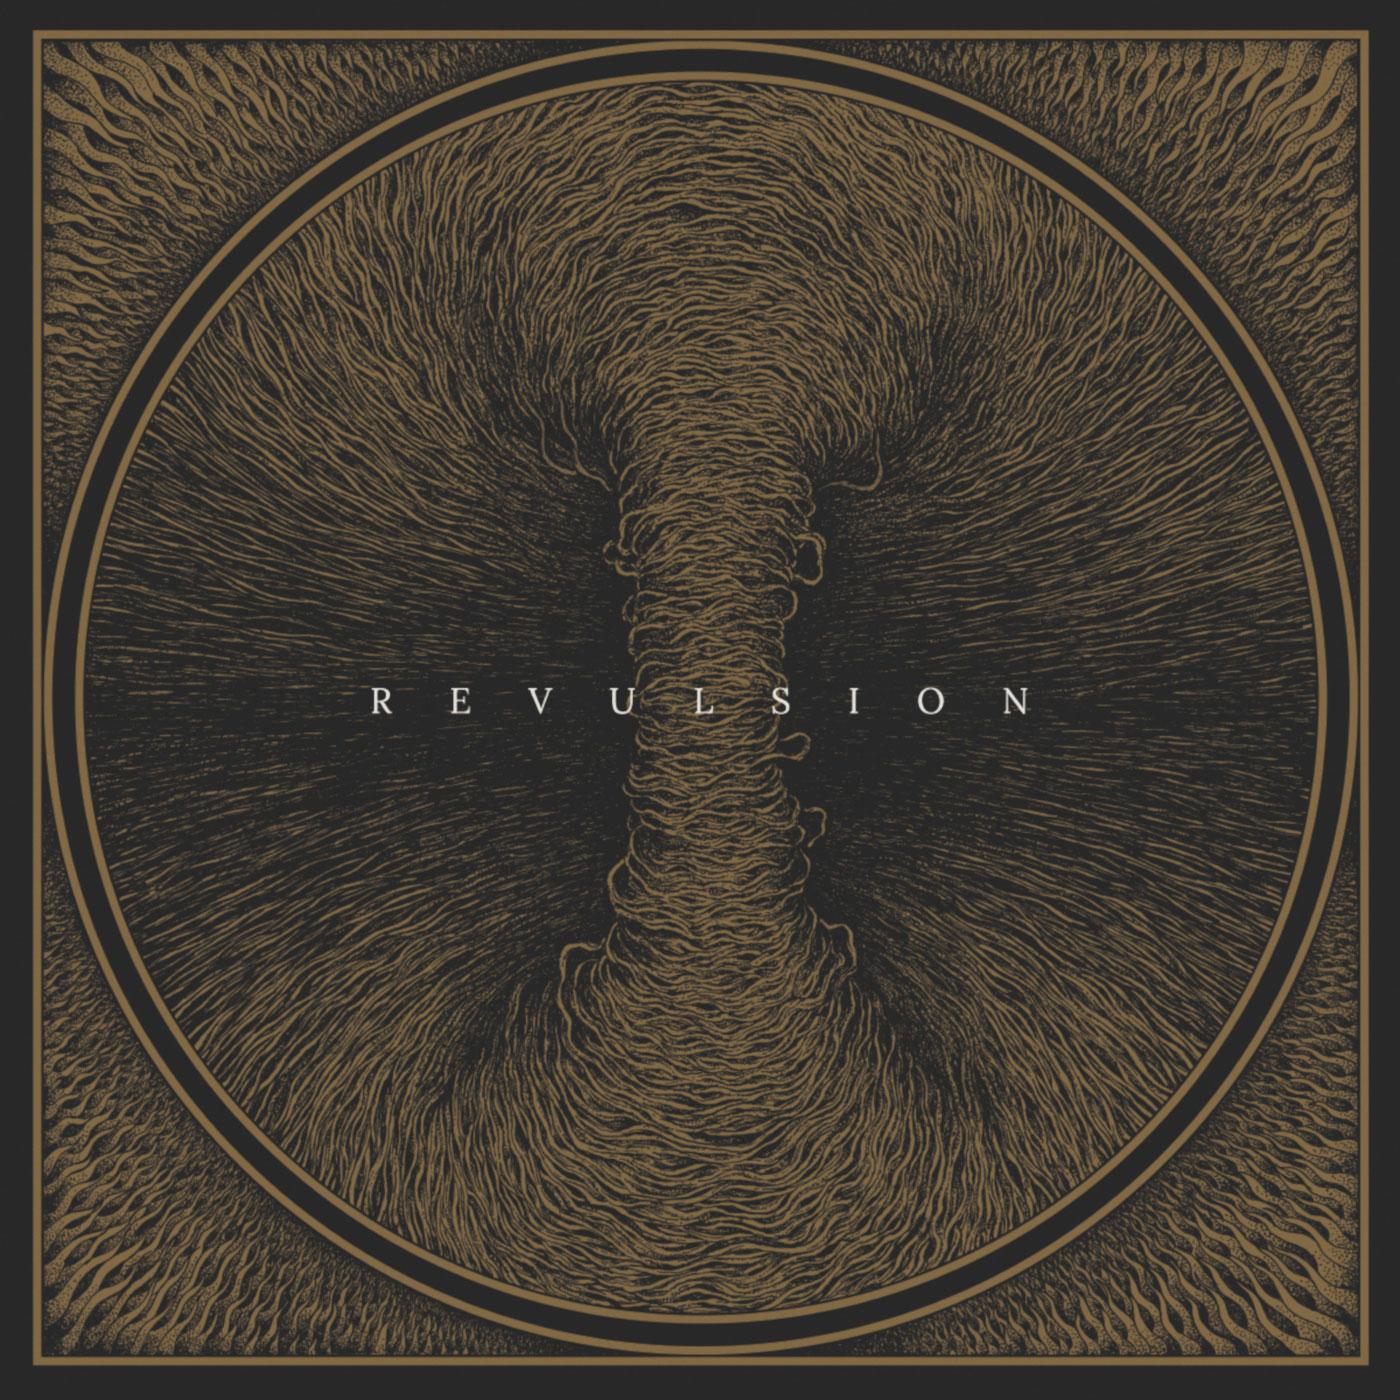 revulsion_album-1400x1400-FINALweb2